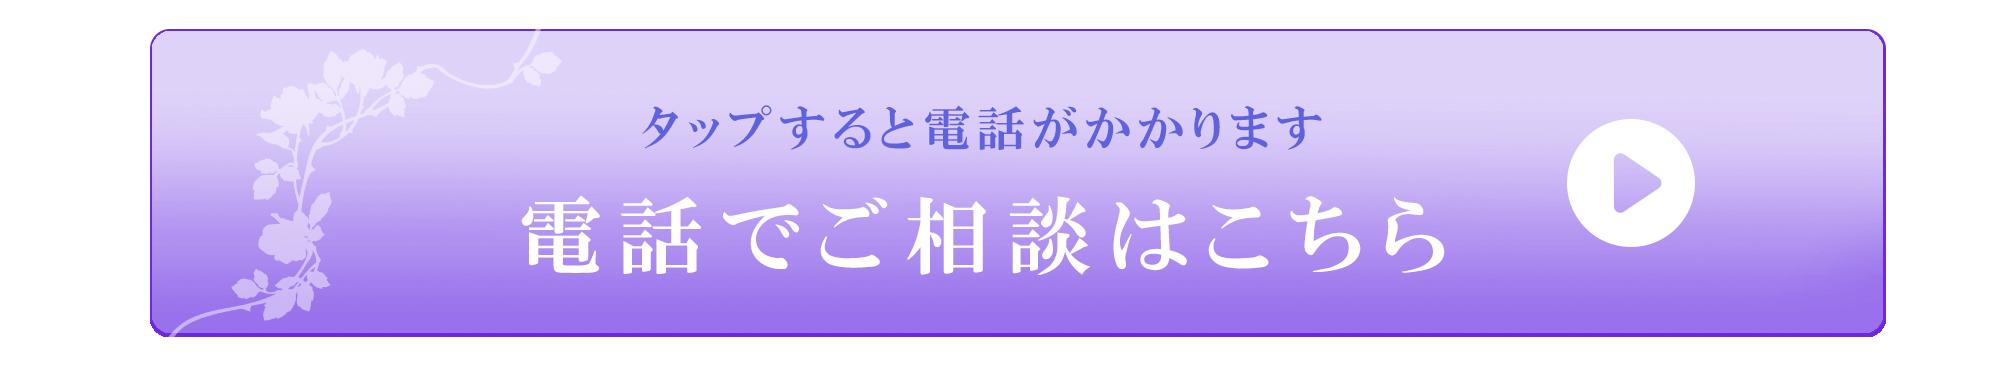 lp3_05-jpg